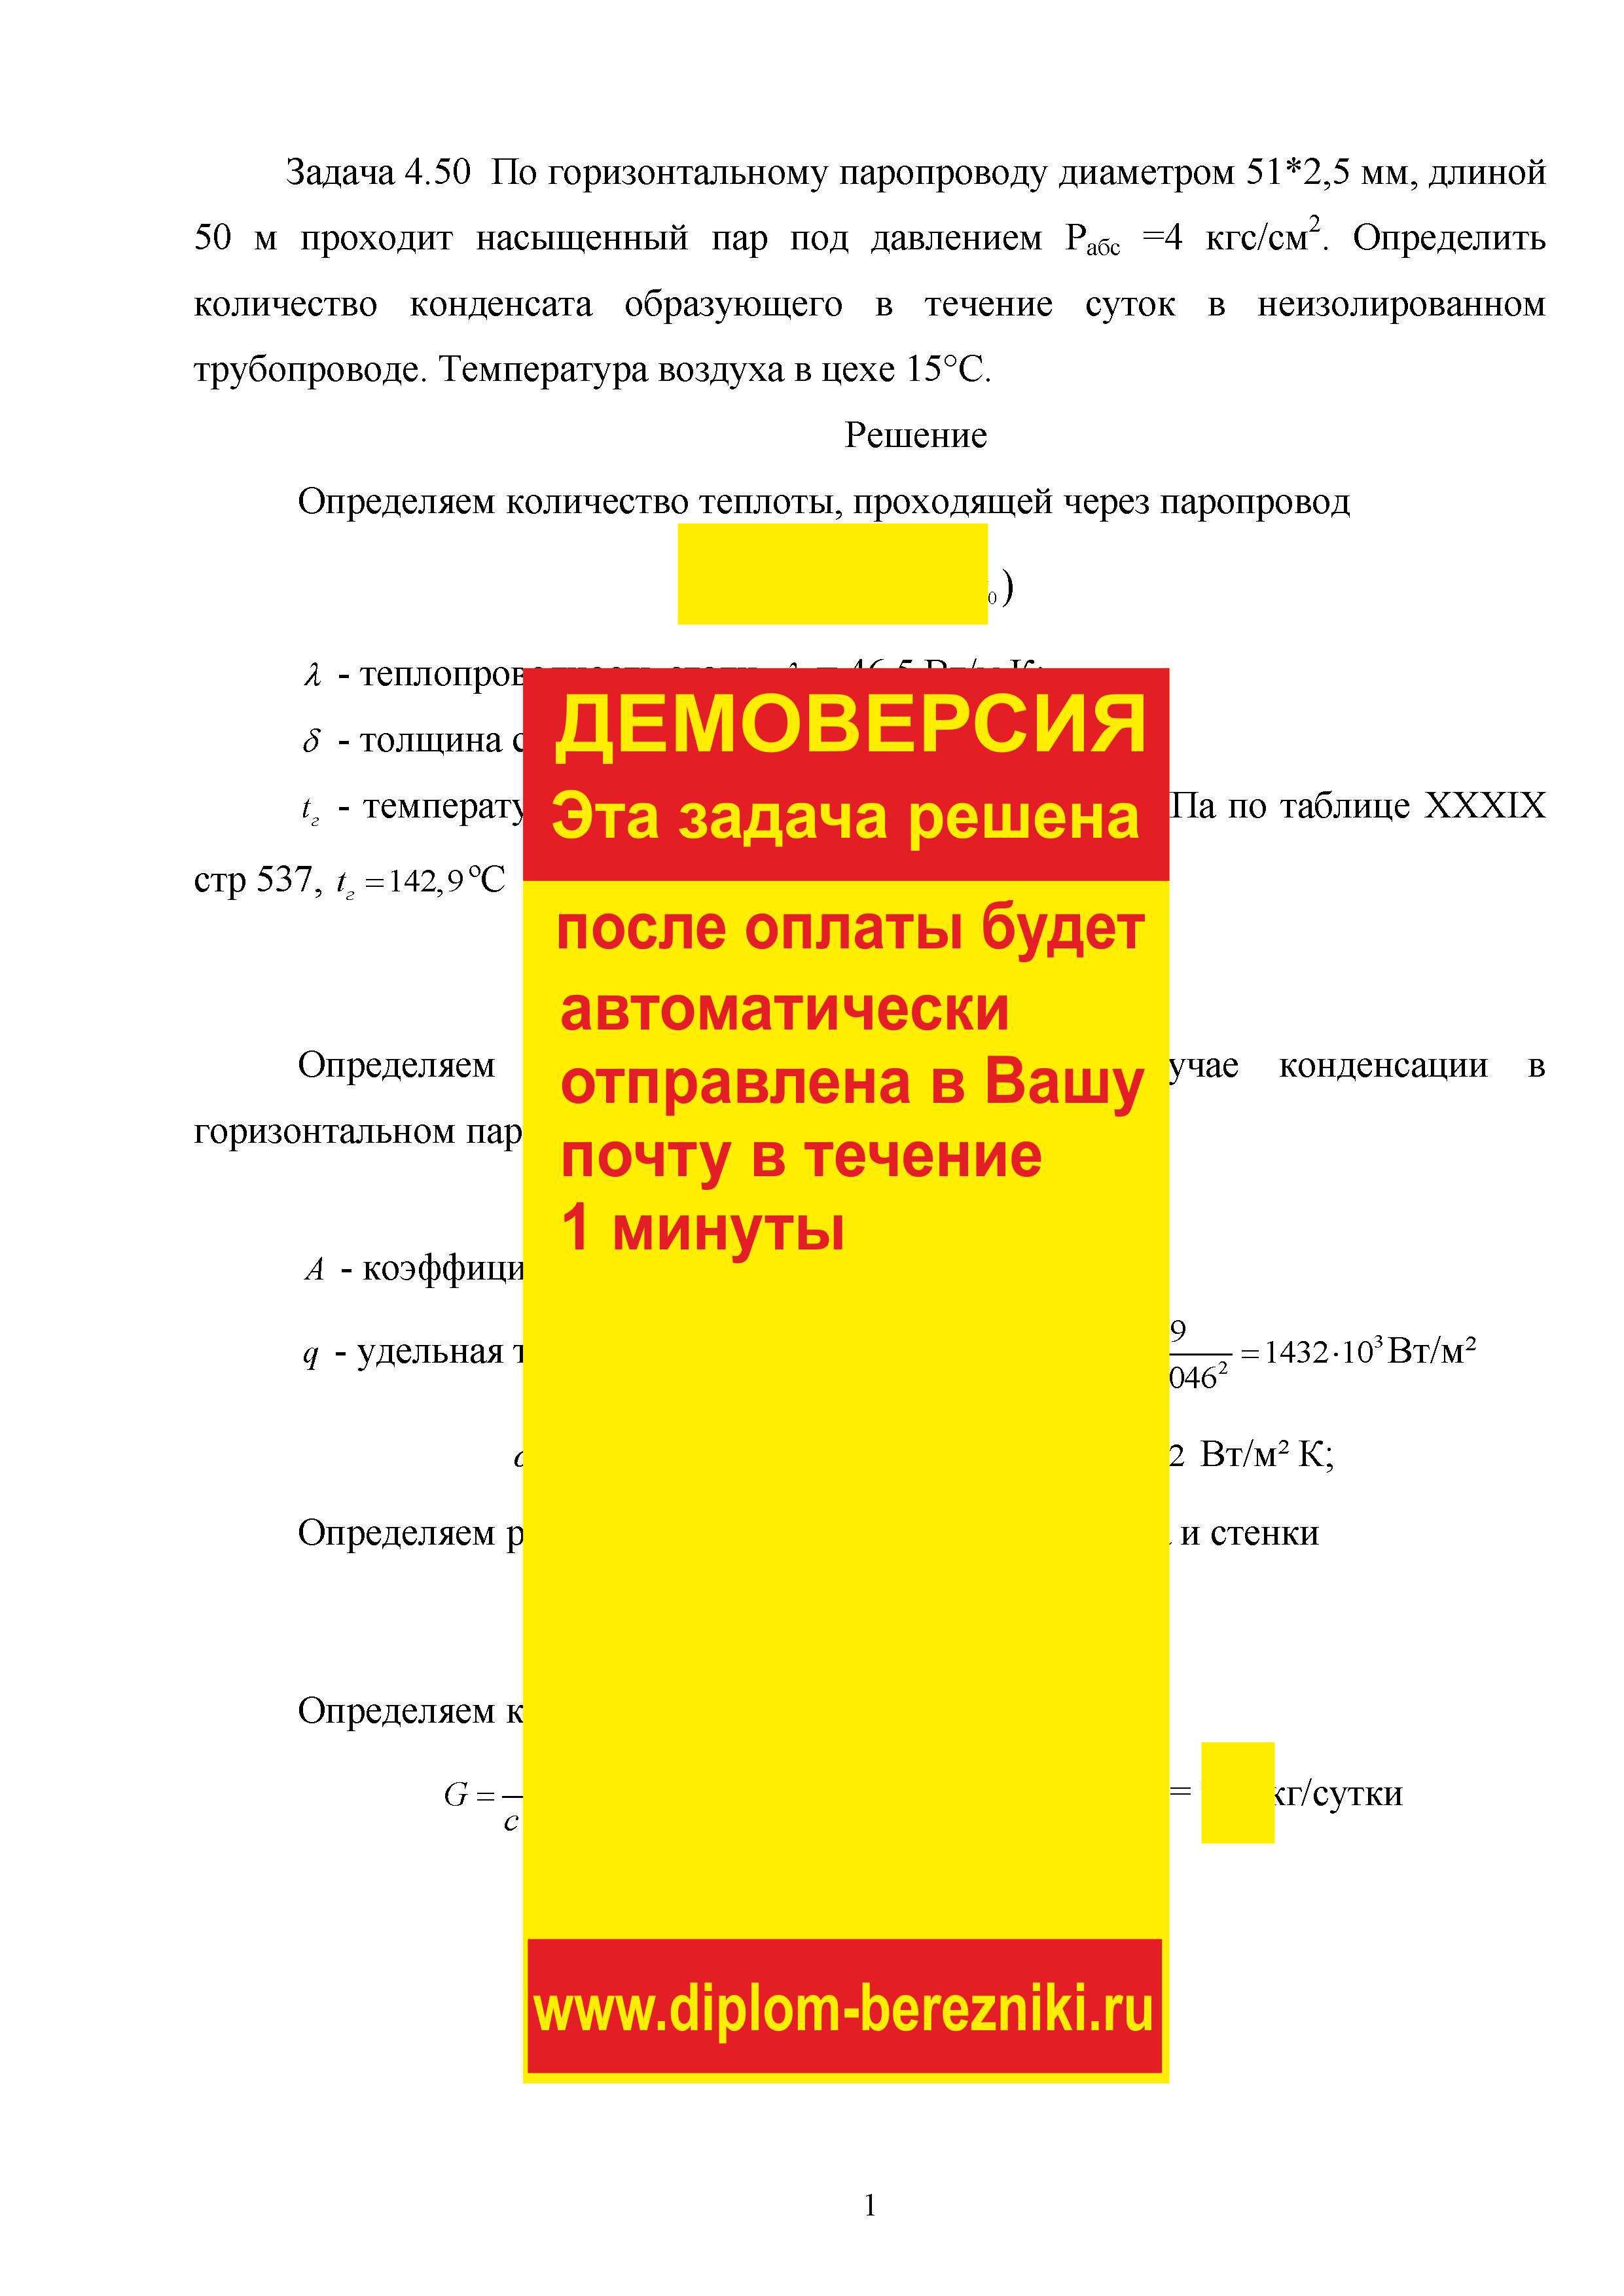 Последние публикации на сайте Страница Диплом курсовая  Решение задачи 4 50 по ПАХТ из задачника Павлова Романкова Носкова